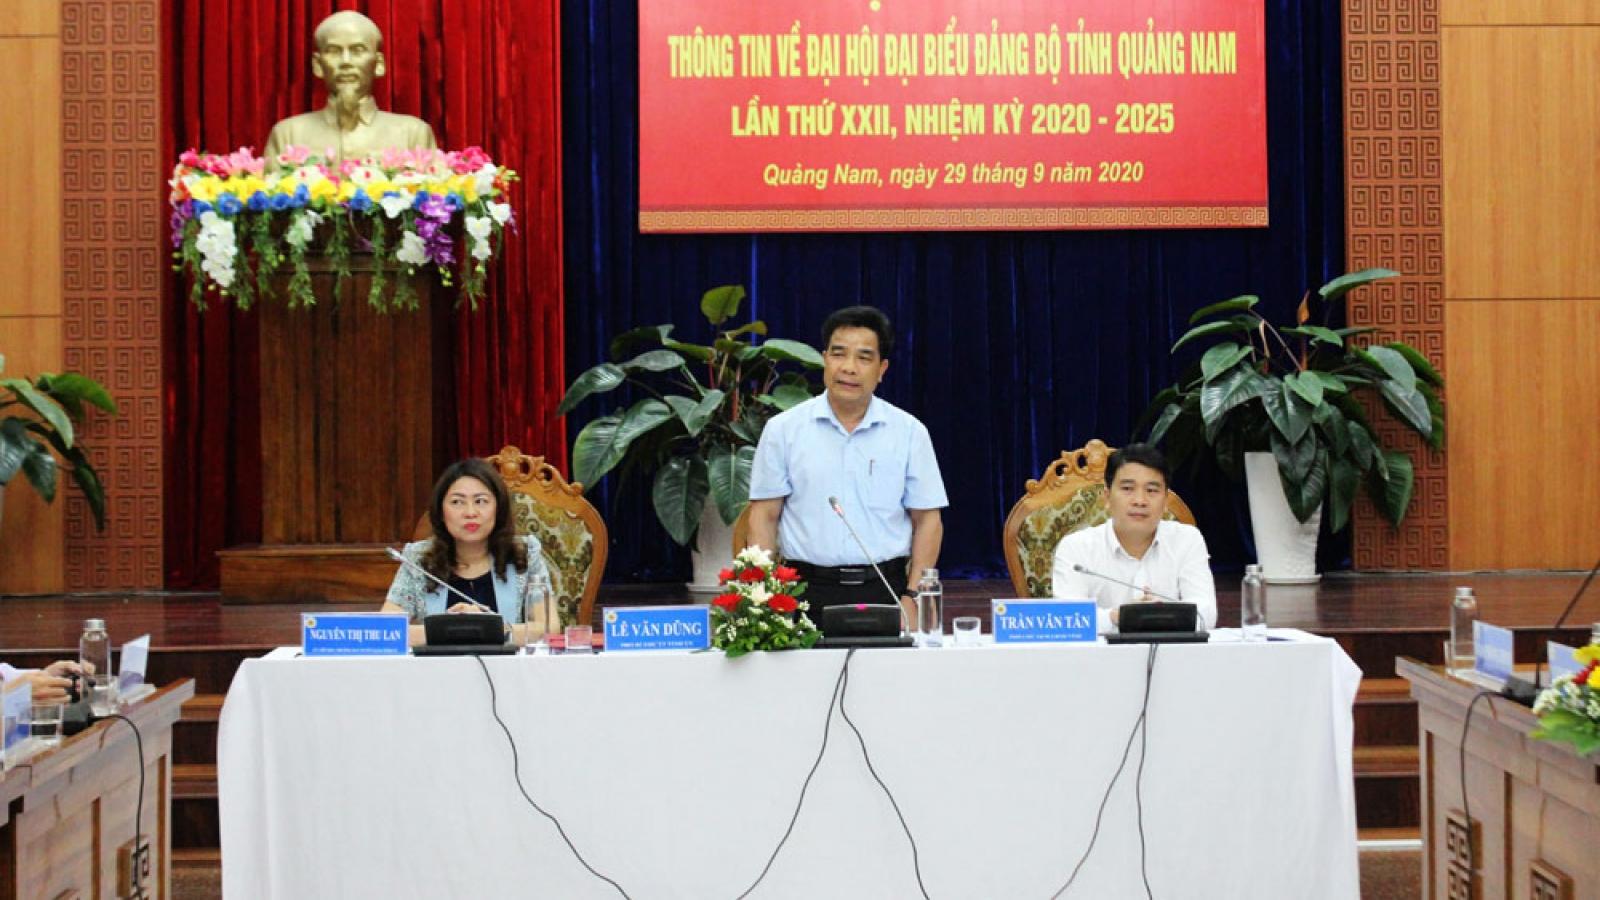 Công tác nhân sự tỉnh Quảng Nam được chuẩn bị kỹ lưỡng và chặt chẽ